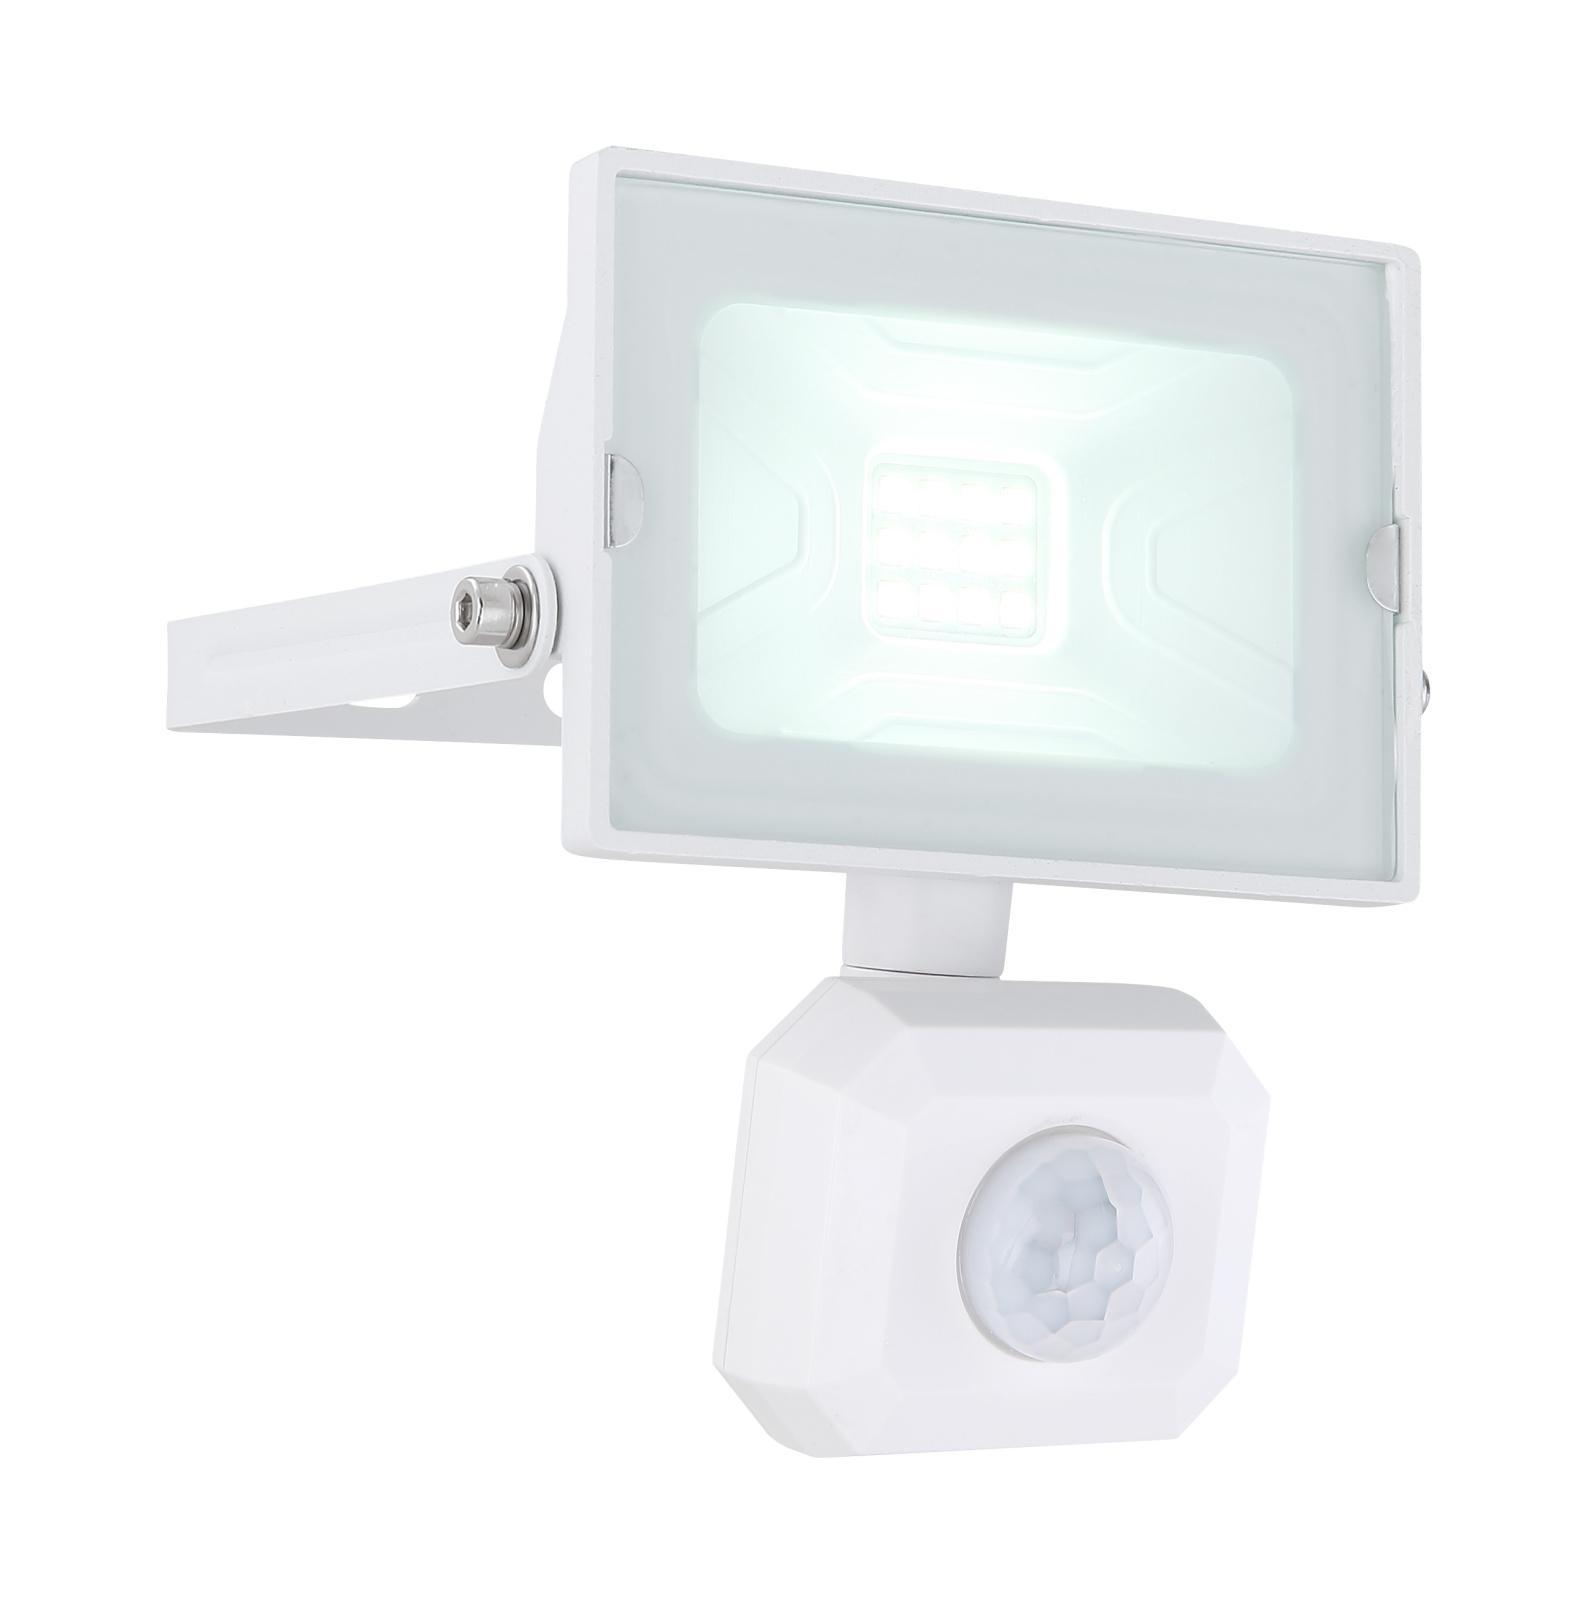 Kültéri reflektor fehér alumínium, üveg búrával, szenzorral szerelve. IP44 inkl. 1xLED 10W 230V, 750lm  6000K